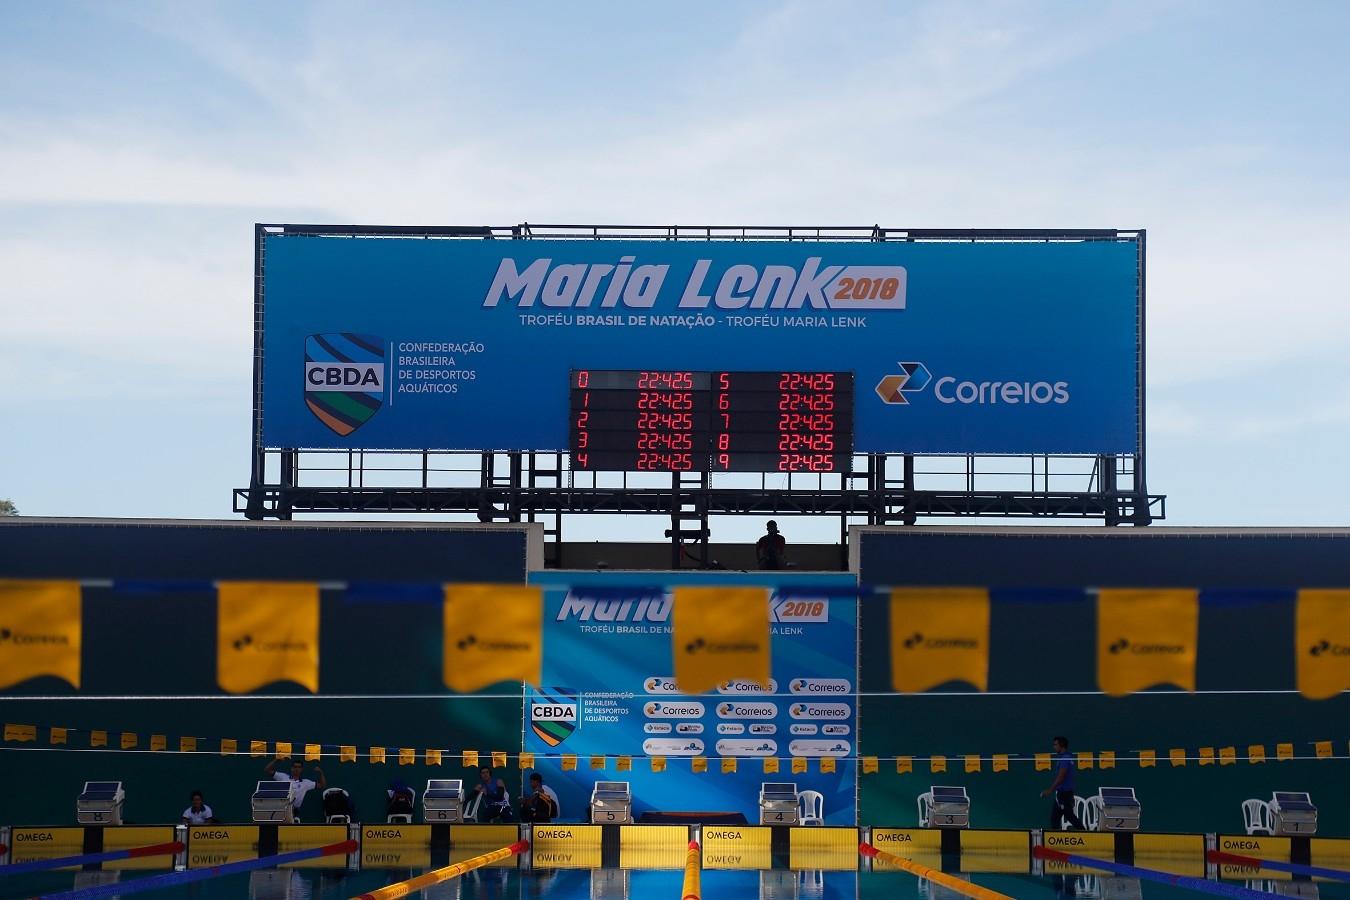 Troféu Brasil de Natacao no Parque Aquatico Maria Lenk. 17 de Abril de 2018. Rio de Janeiro, RJ, Brasil. Foto: Satiro Sodré/SSPress/CBDA